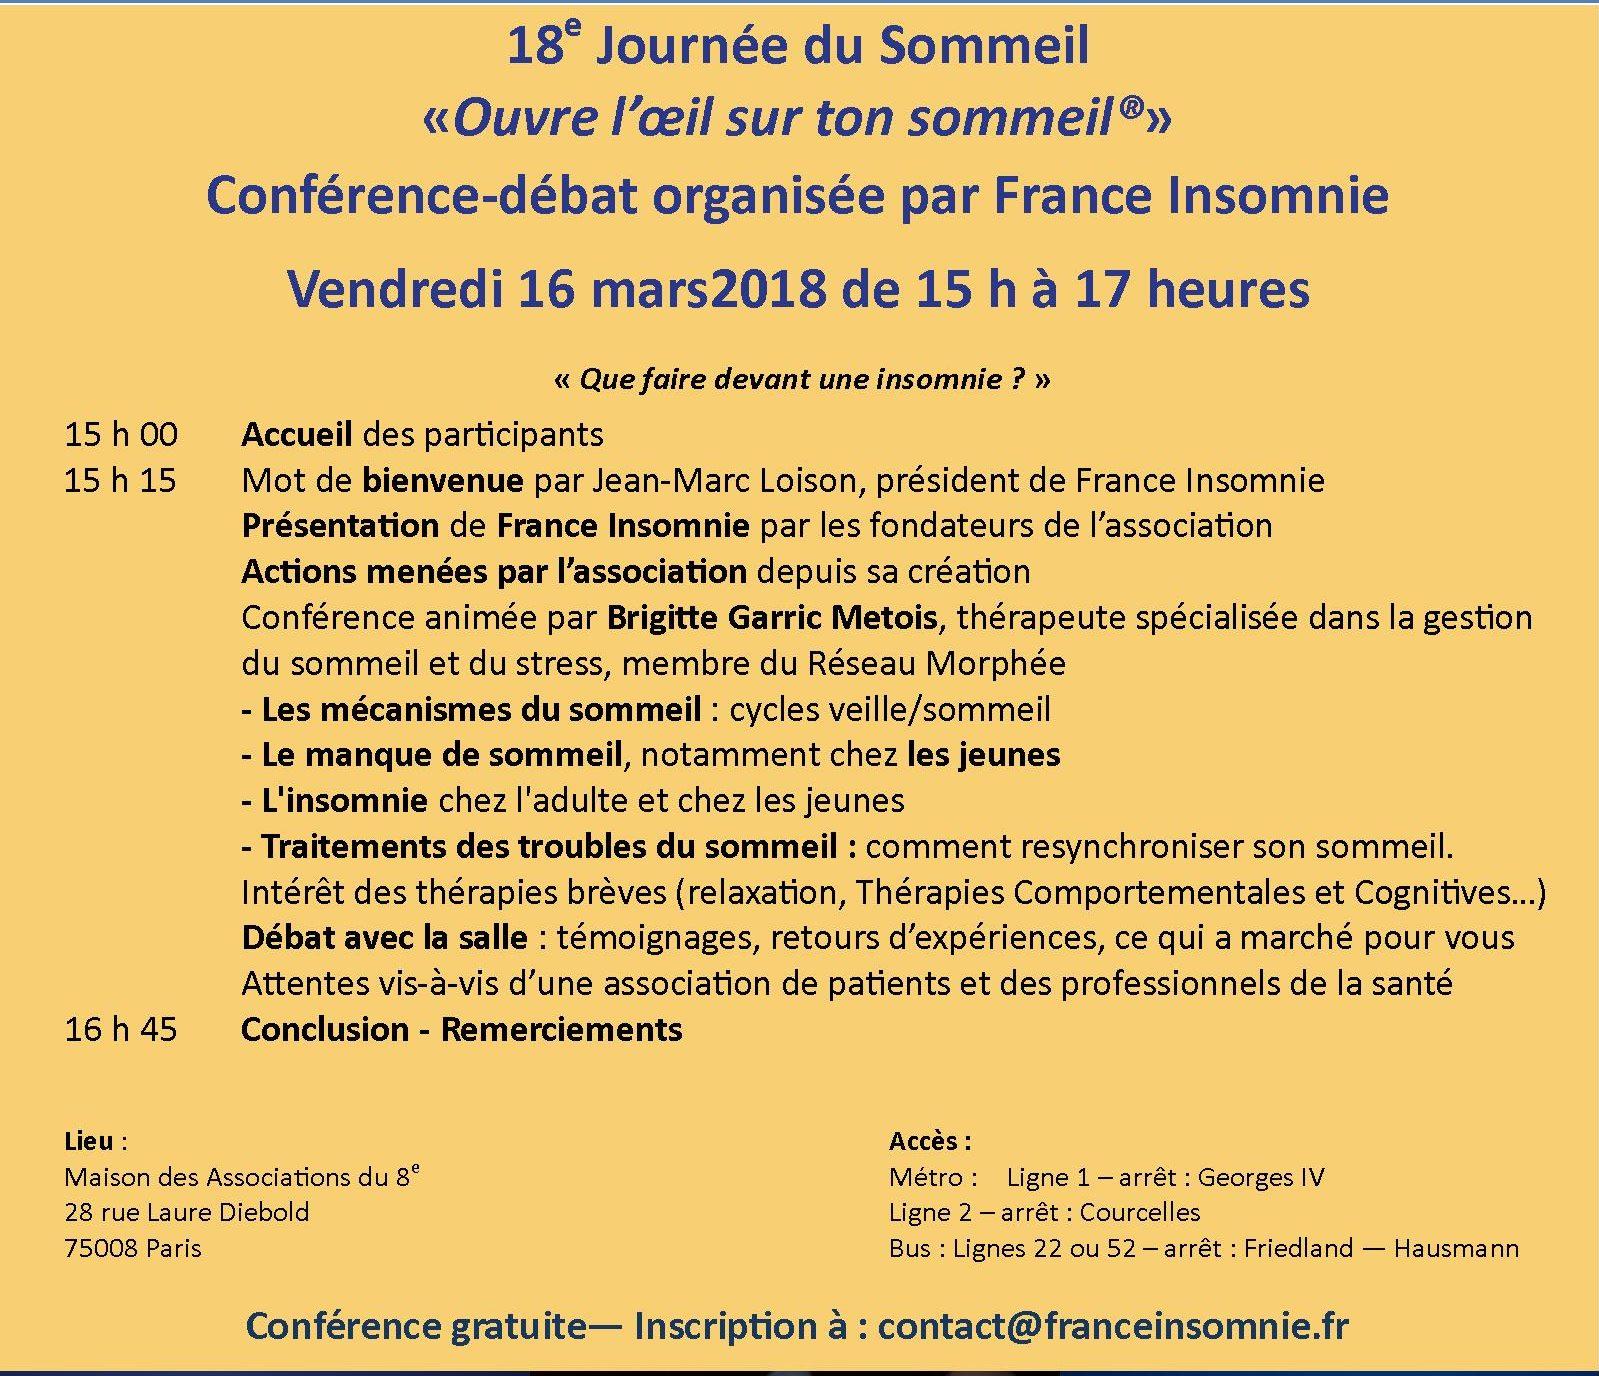 Affiche conférence-débat du 16 mars 2018 Journée du sommeil V5